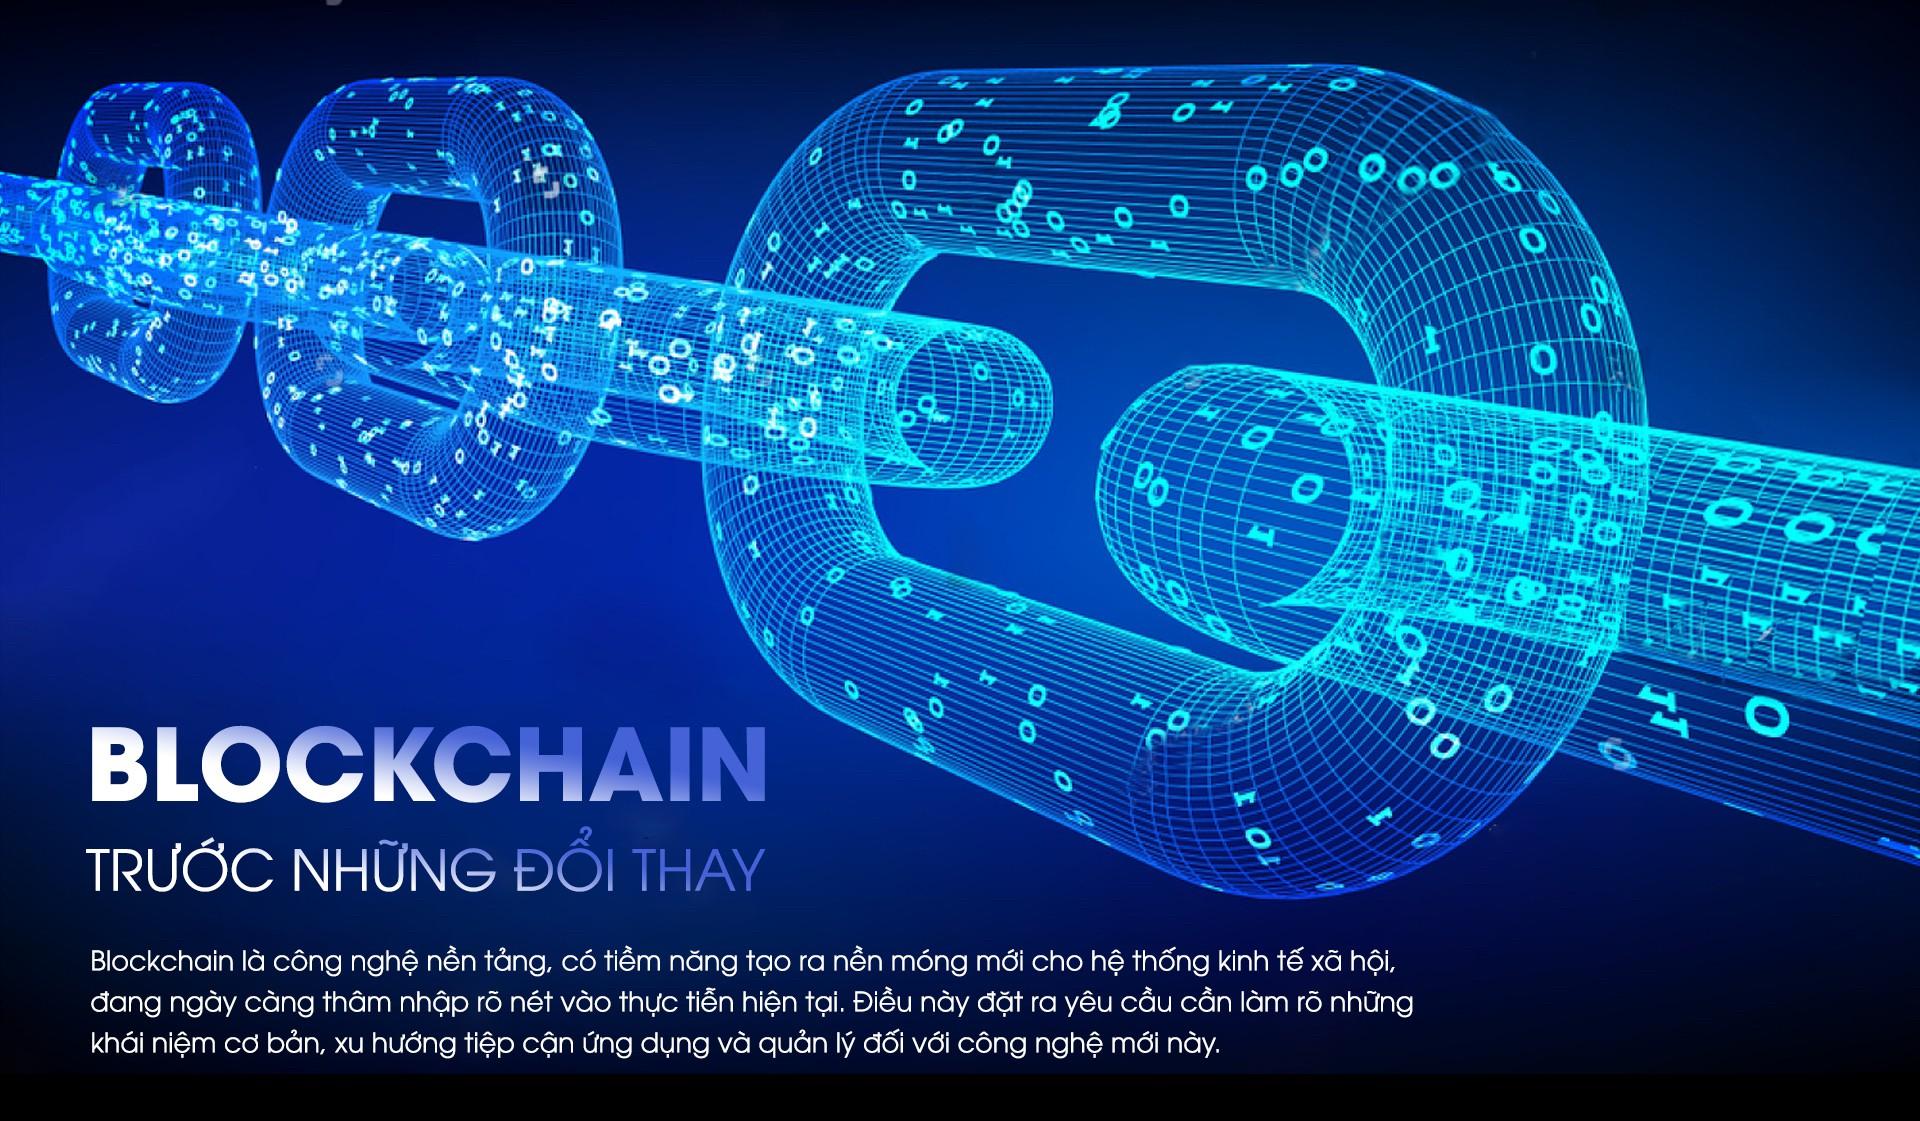 Blockchain trước những đổi thay | Forbes Việt Nam